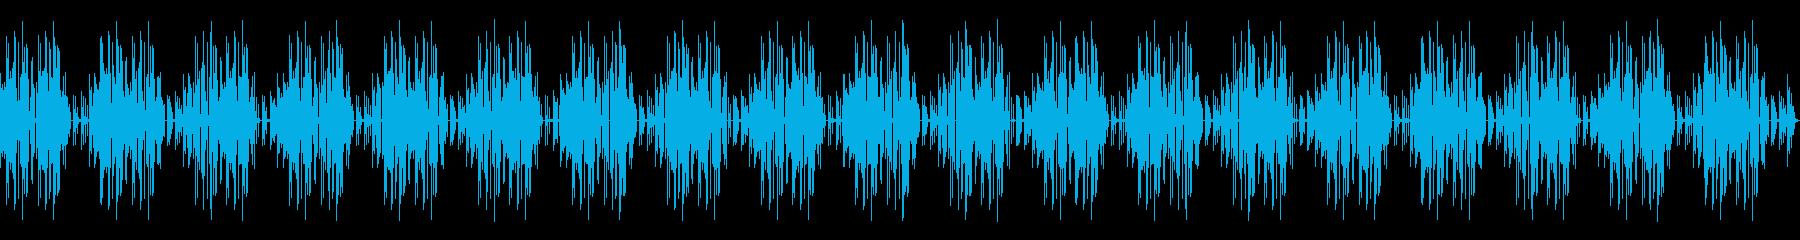 トーク用、ほのぼの優しい楽しいピアノ曲の再生済みの波形